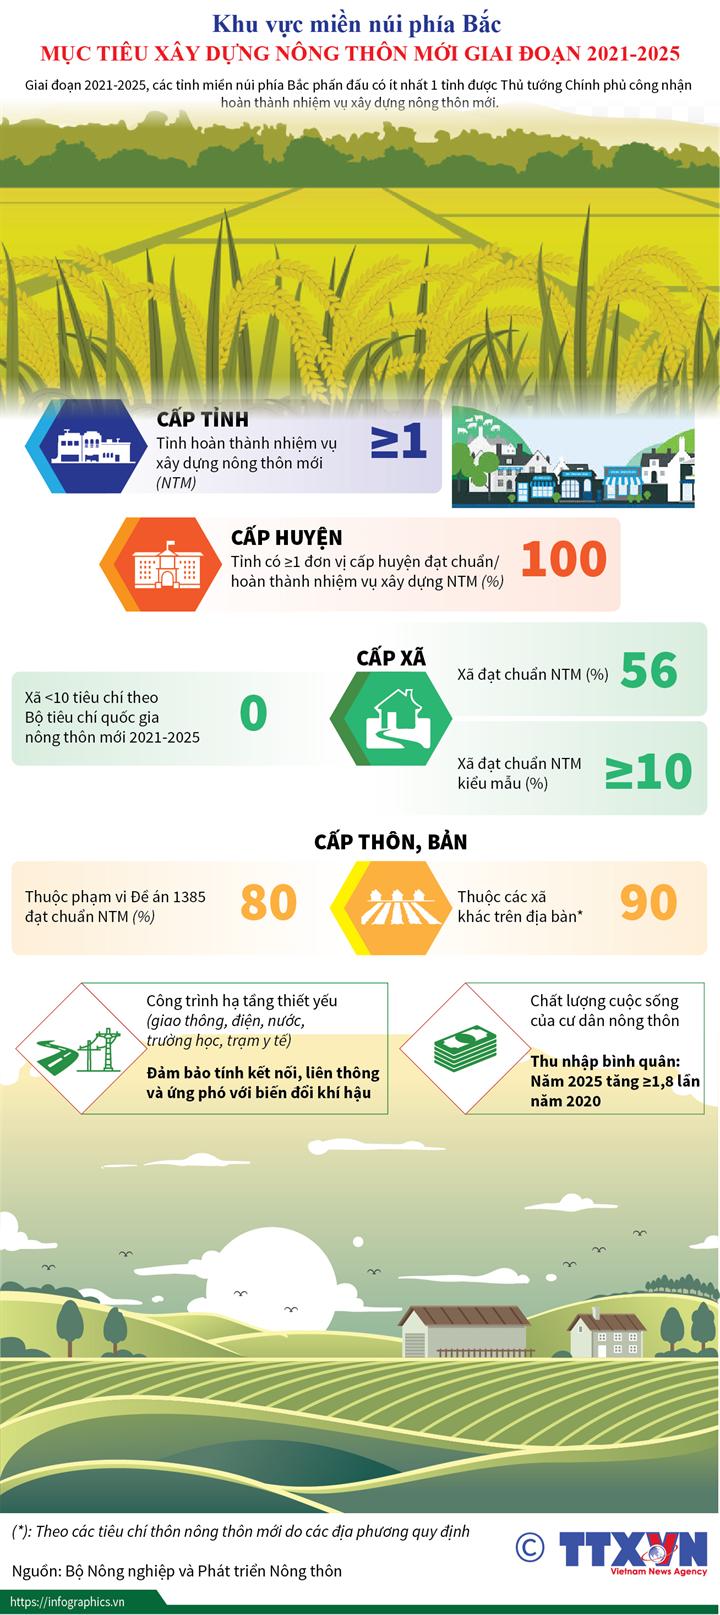 Khu vực miền núi phía Bắc: Mục tiêu xây dựng nông thôn mới  giai đoạn 2021-2025